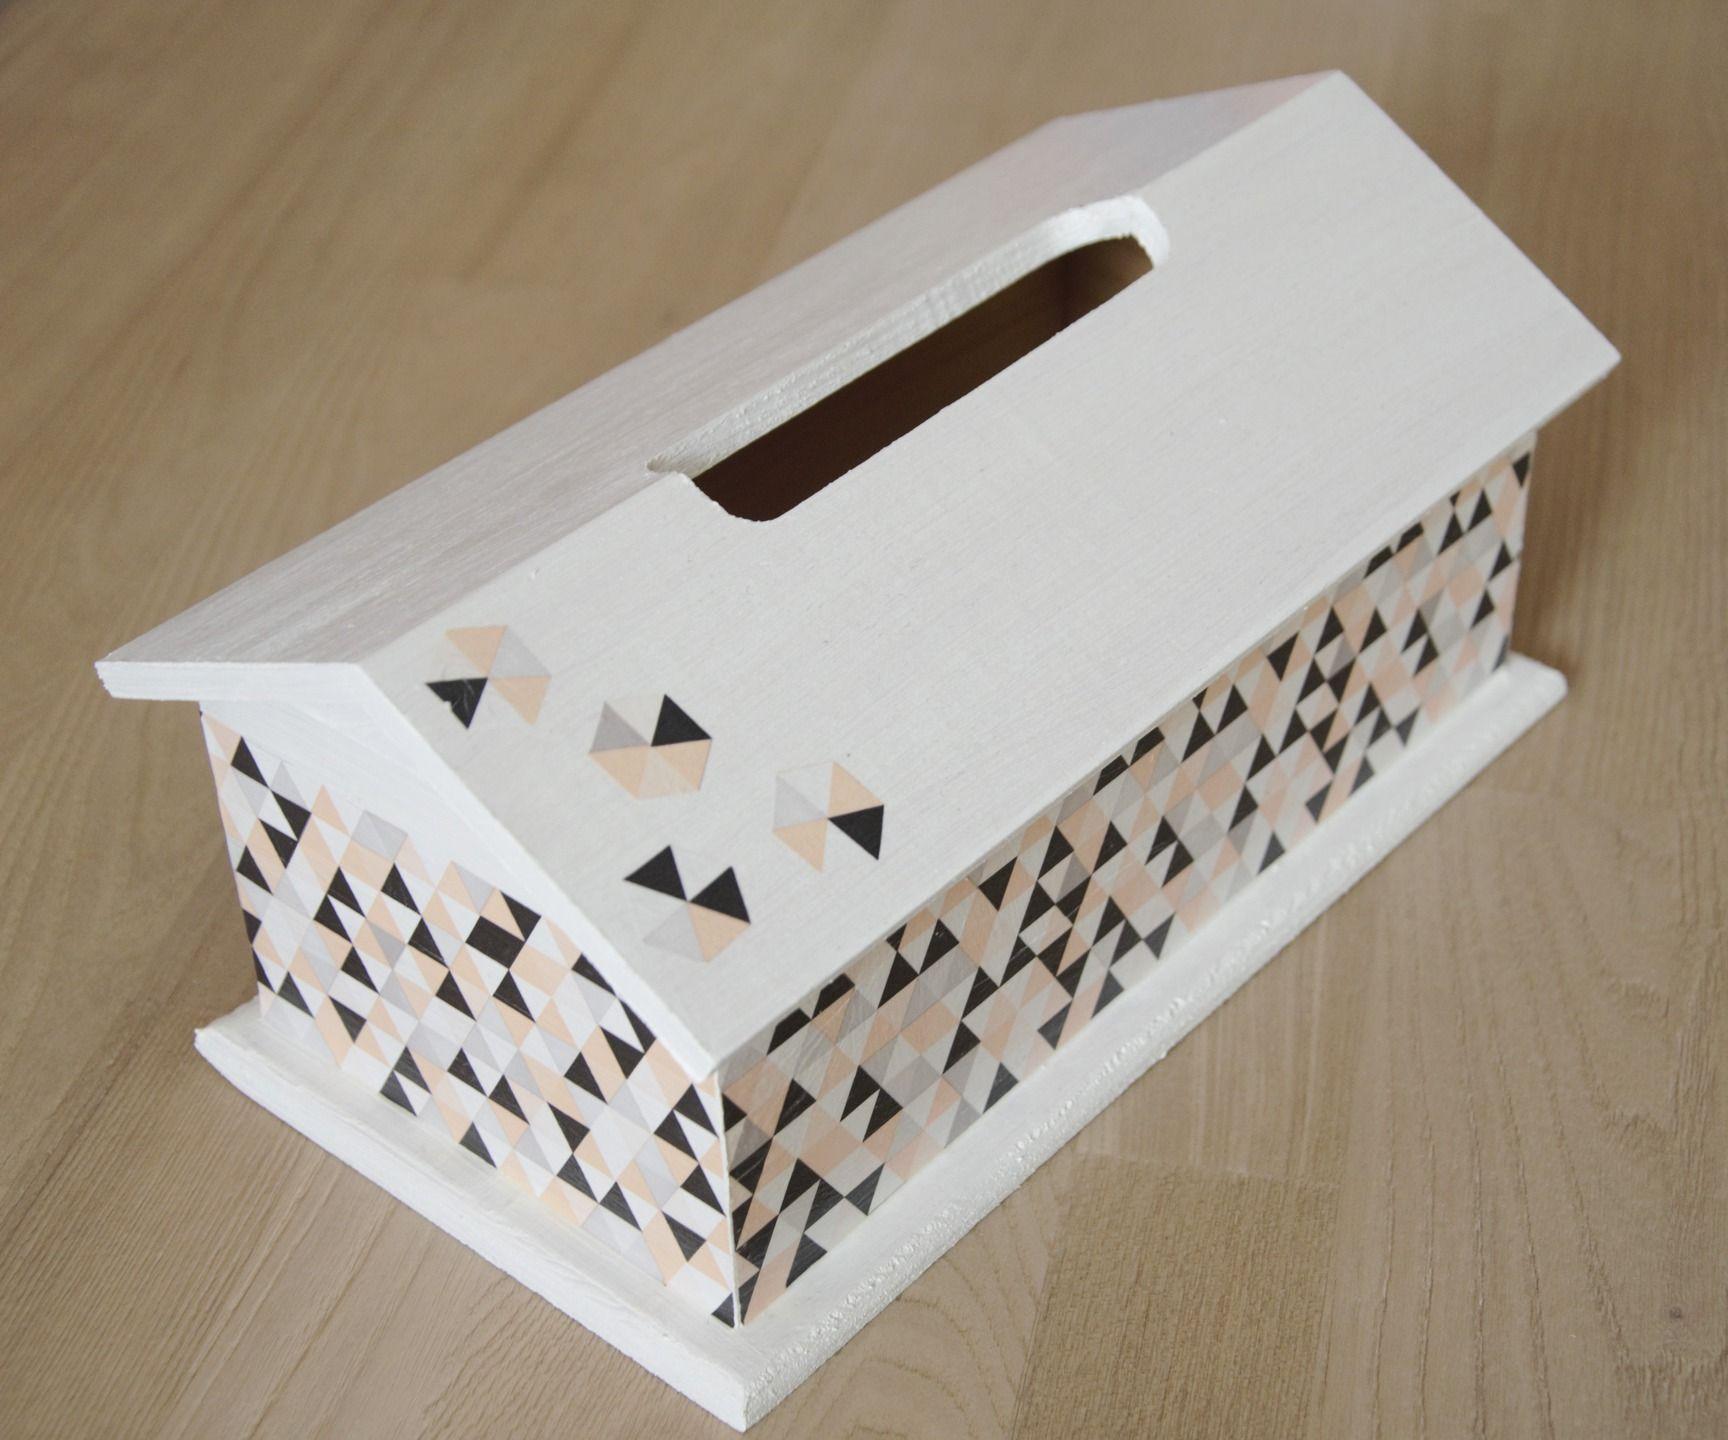 boite mouchoirs en bois en forme maison scandinave. Black Bedroom Furniture Sets. Home Design Ideas